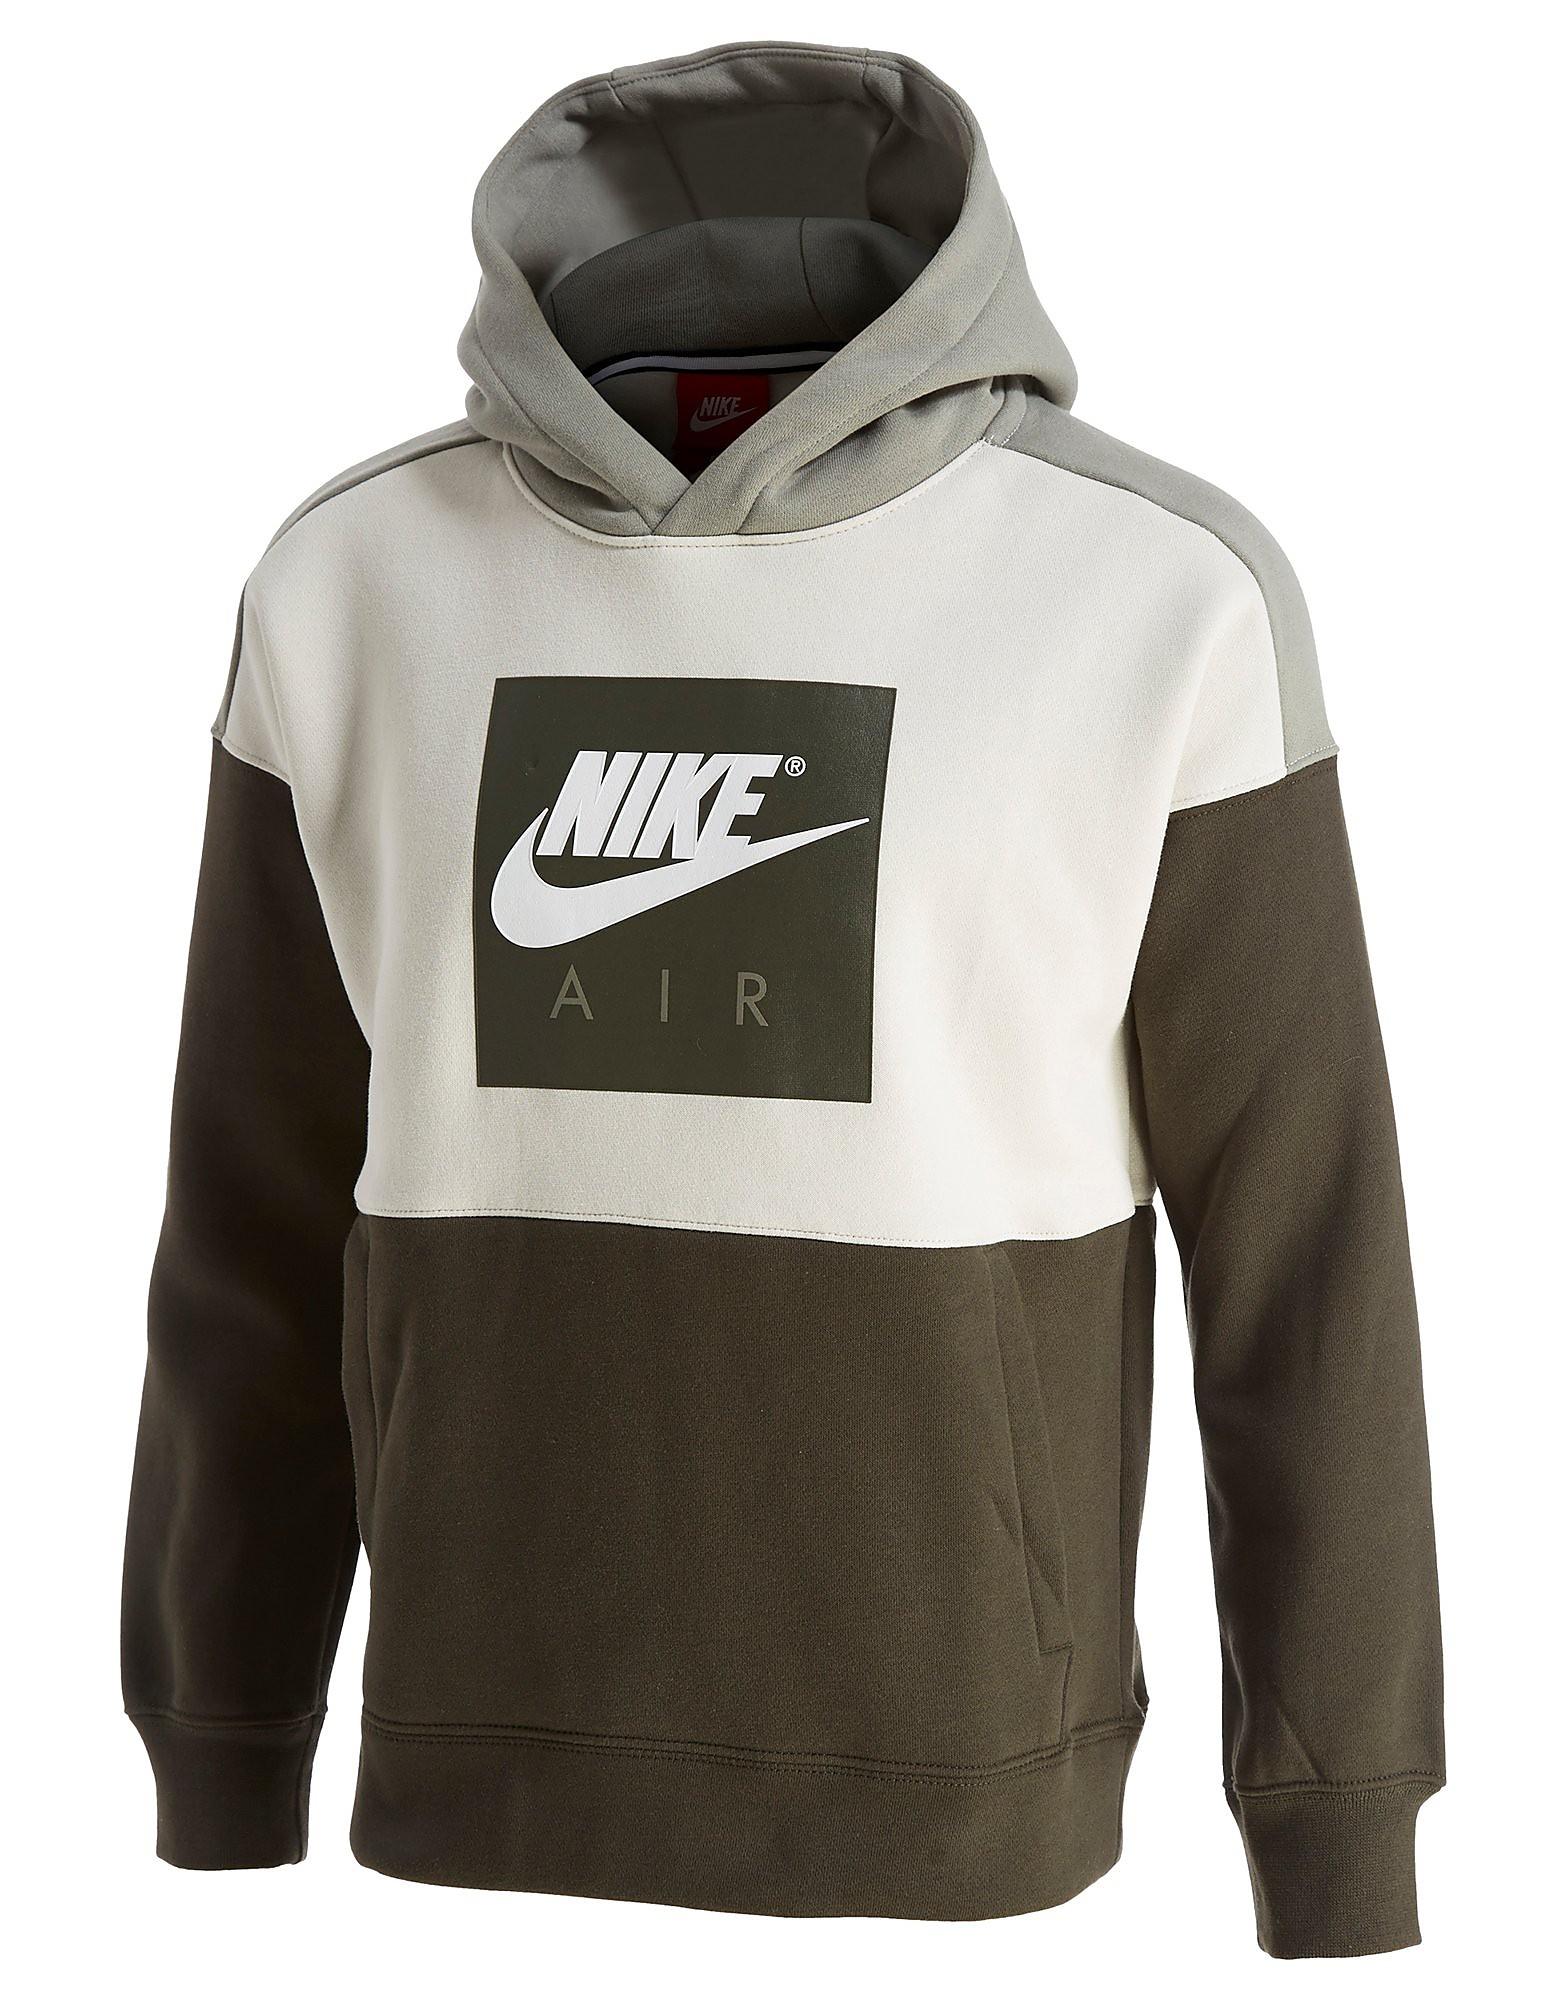 Nike Air sudadera con capucha júnior